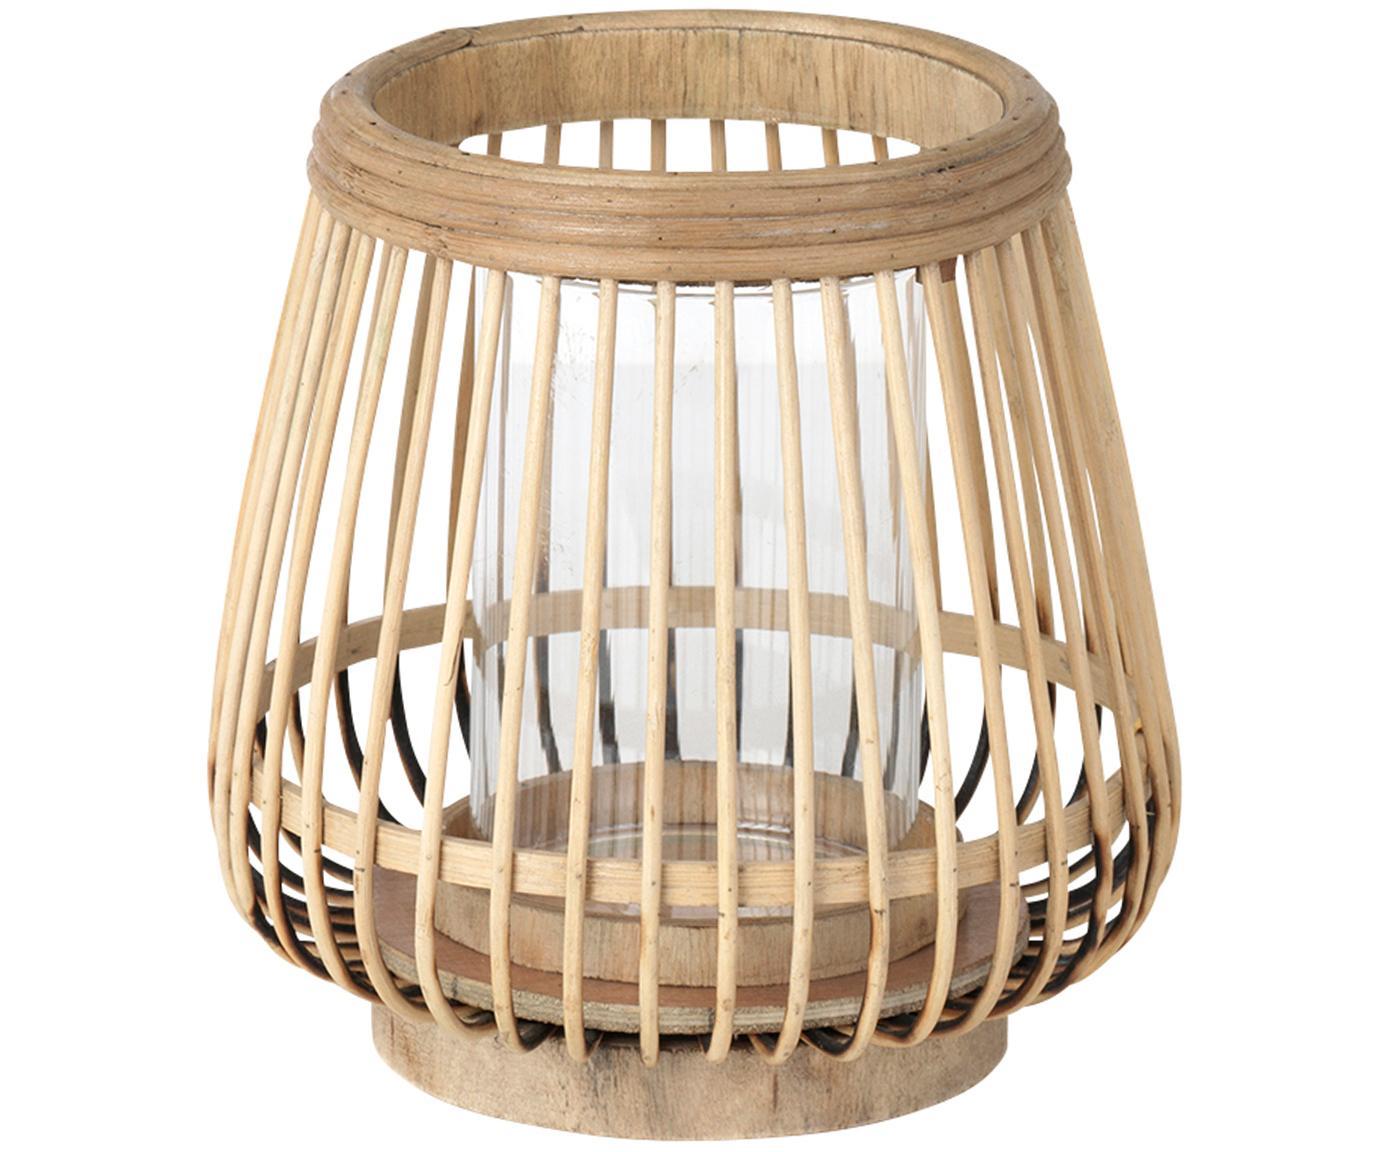 Windlicht Caits, Windlicht: Bambus, Windlicht: Hellbraun<br>Zylinder: Transparent, Ø 21 x H 22 cm